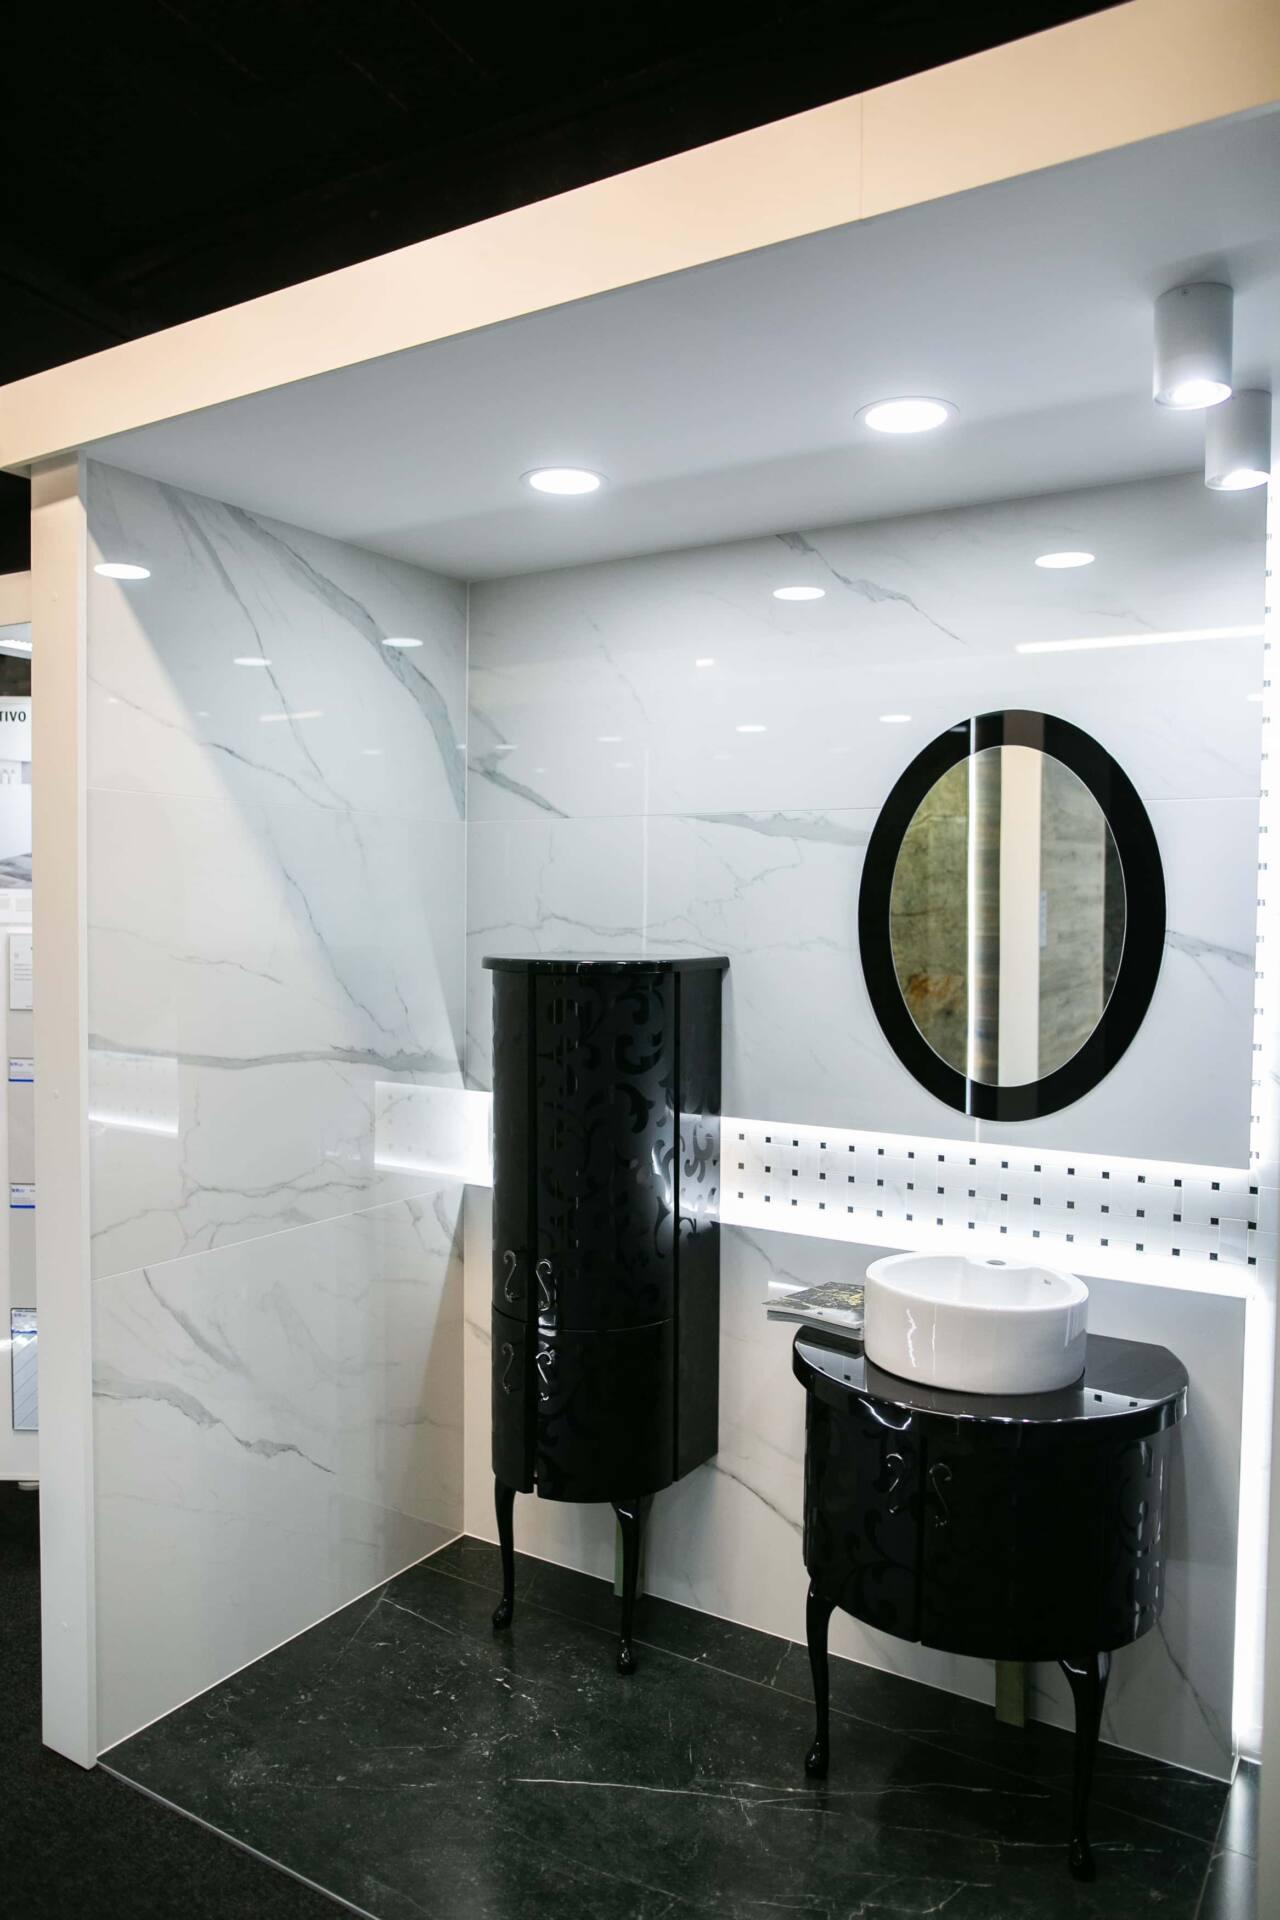 5db 5586 Salon BLU: na ponad 500 m2., 36 łazienkowych aranżacji i bogata ekspozycja wyposażenia (zdjęcia)